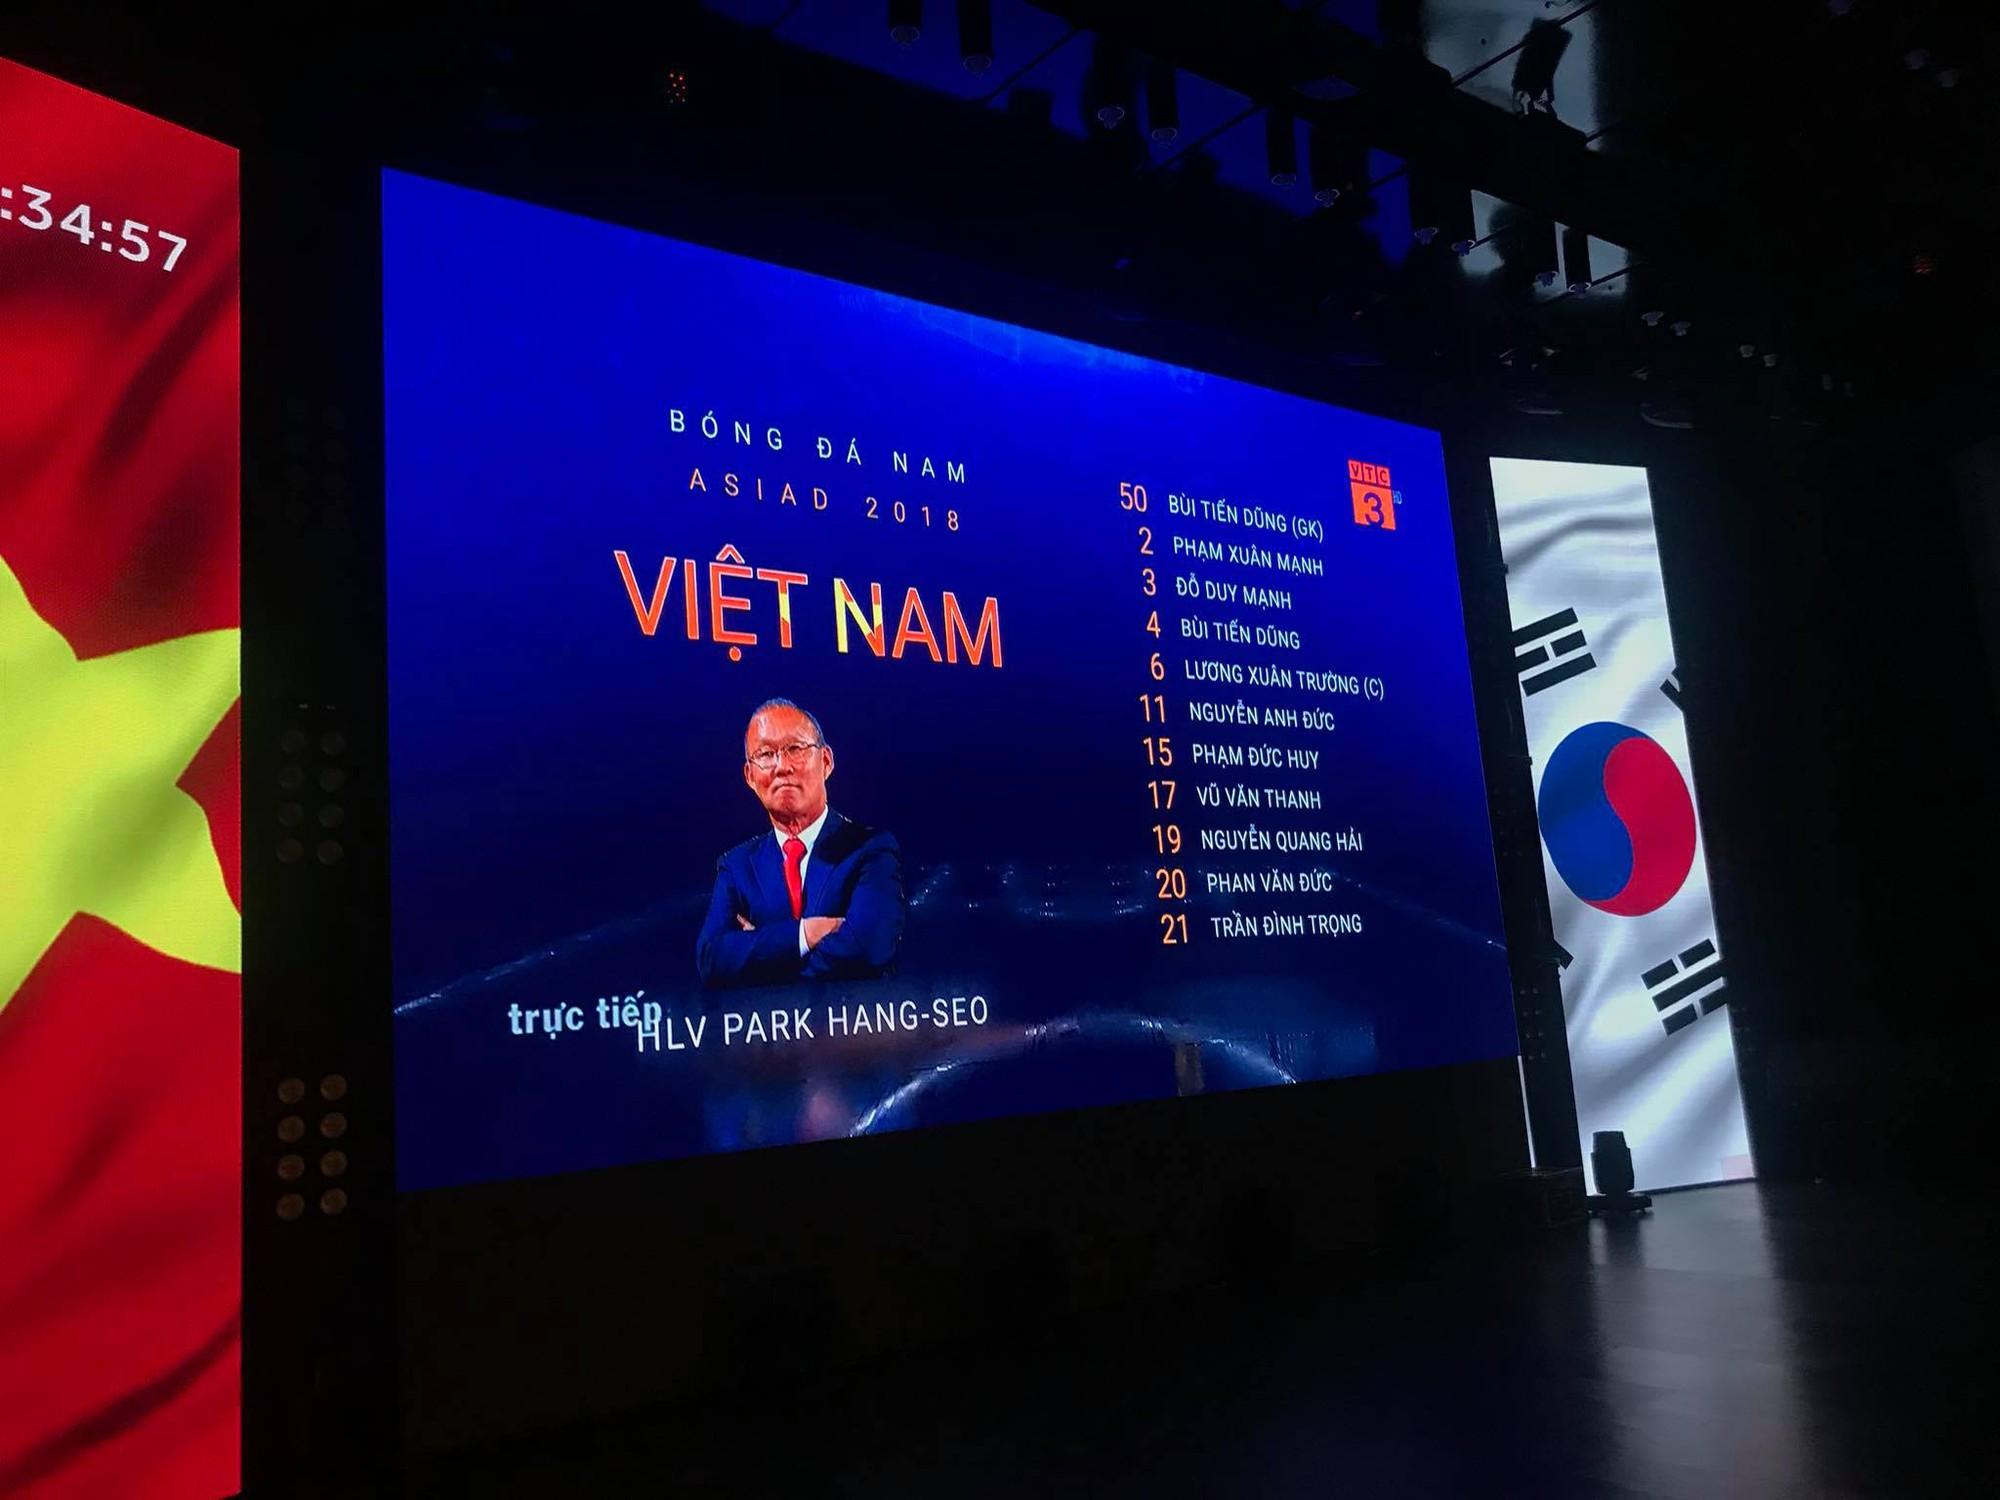 Chảo lửa người hâm mộ tại các trường Đại học cờ hoa rộn ràng, sẵn sàng tiếp sức cho Olympic Việt Nam-4